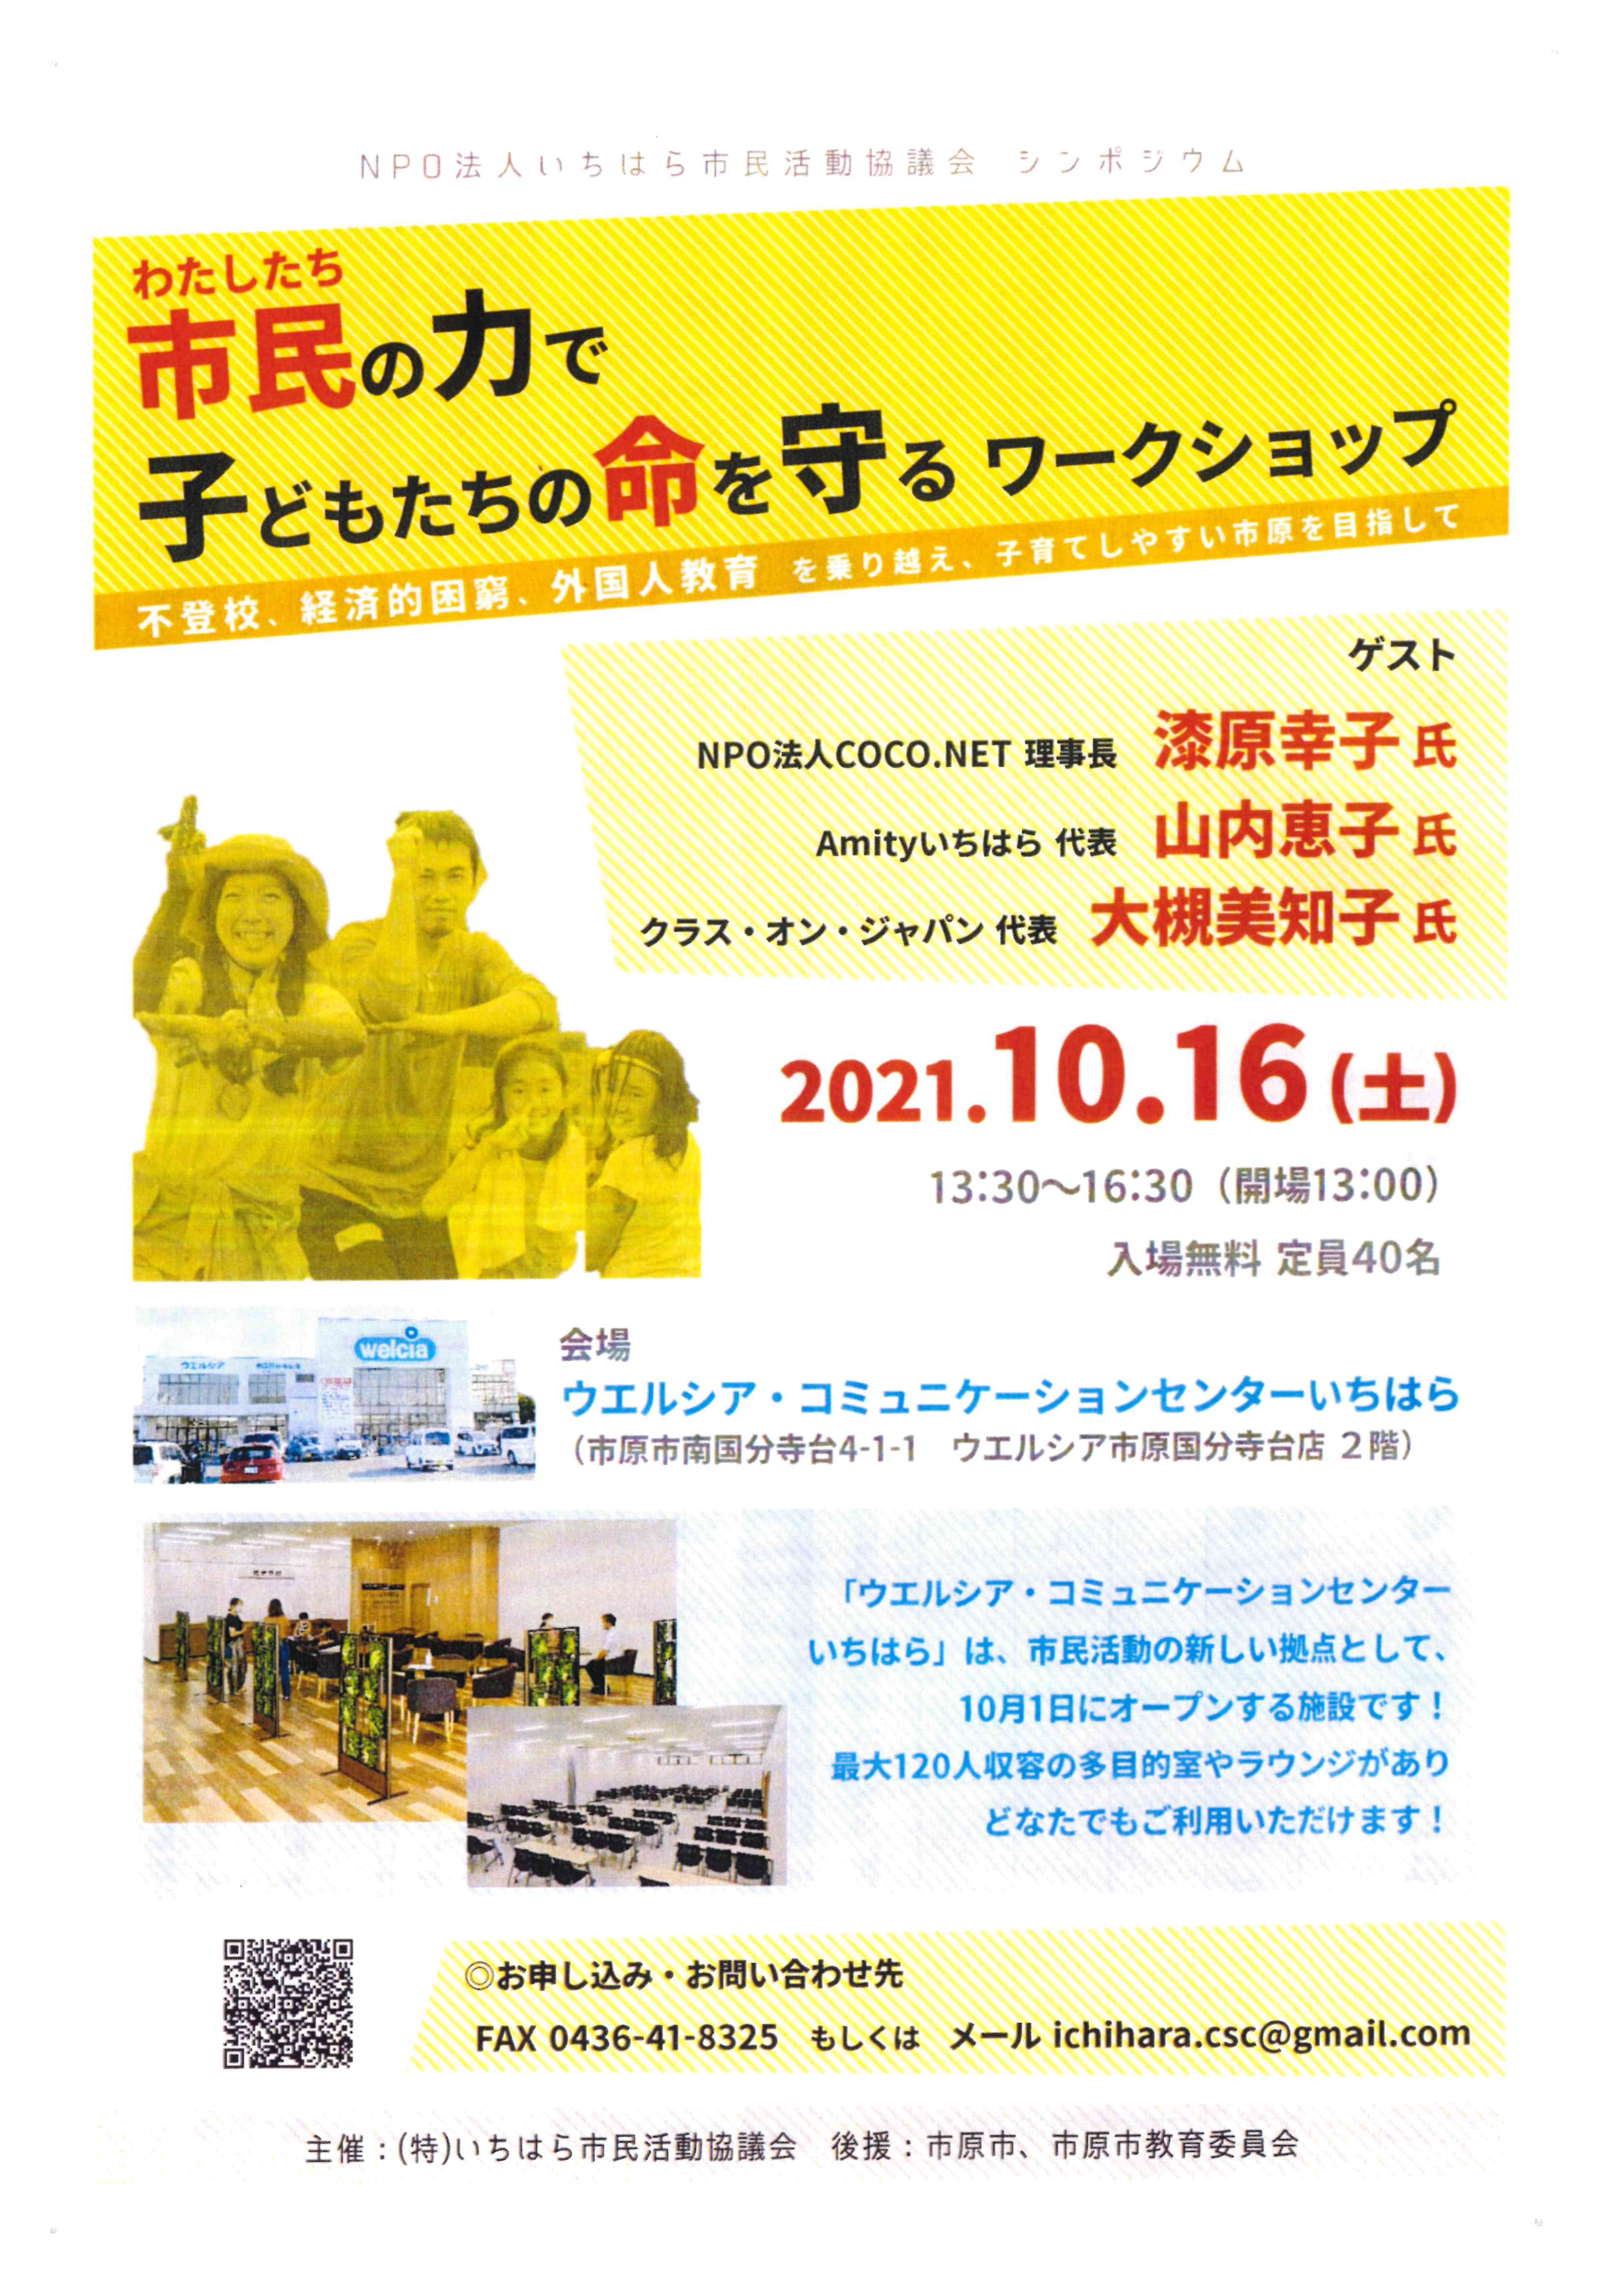 【10月16日(土)開催】市民の力で子供たちの命を守るワークショップ